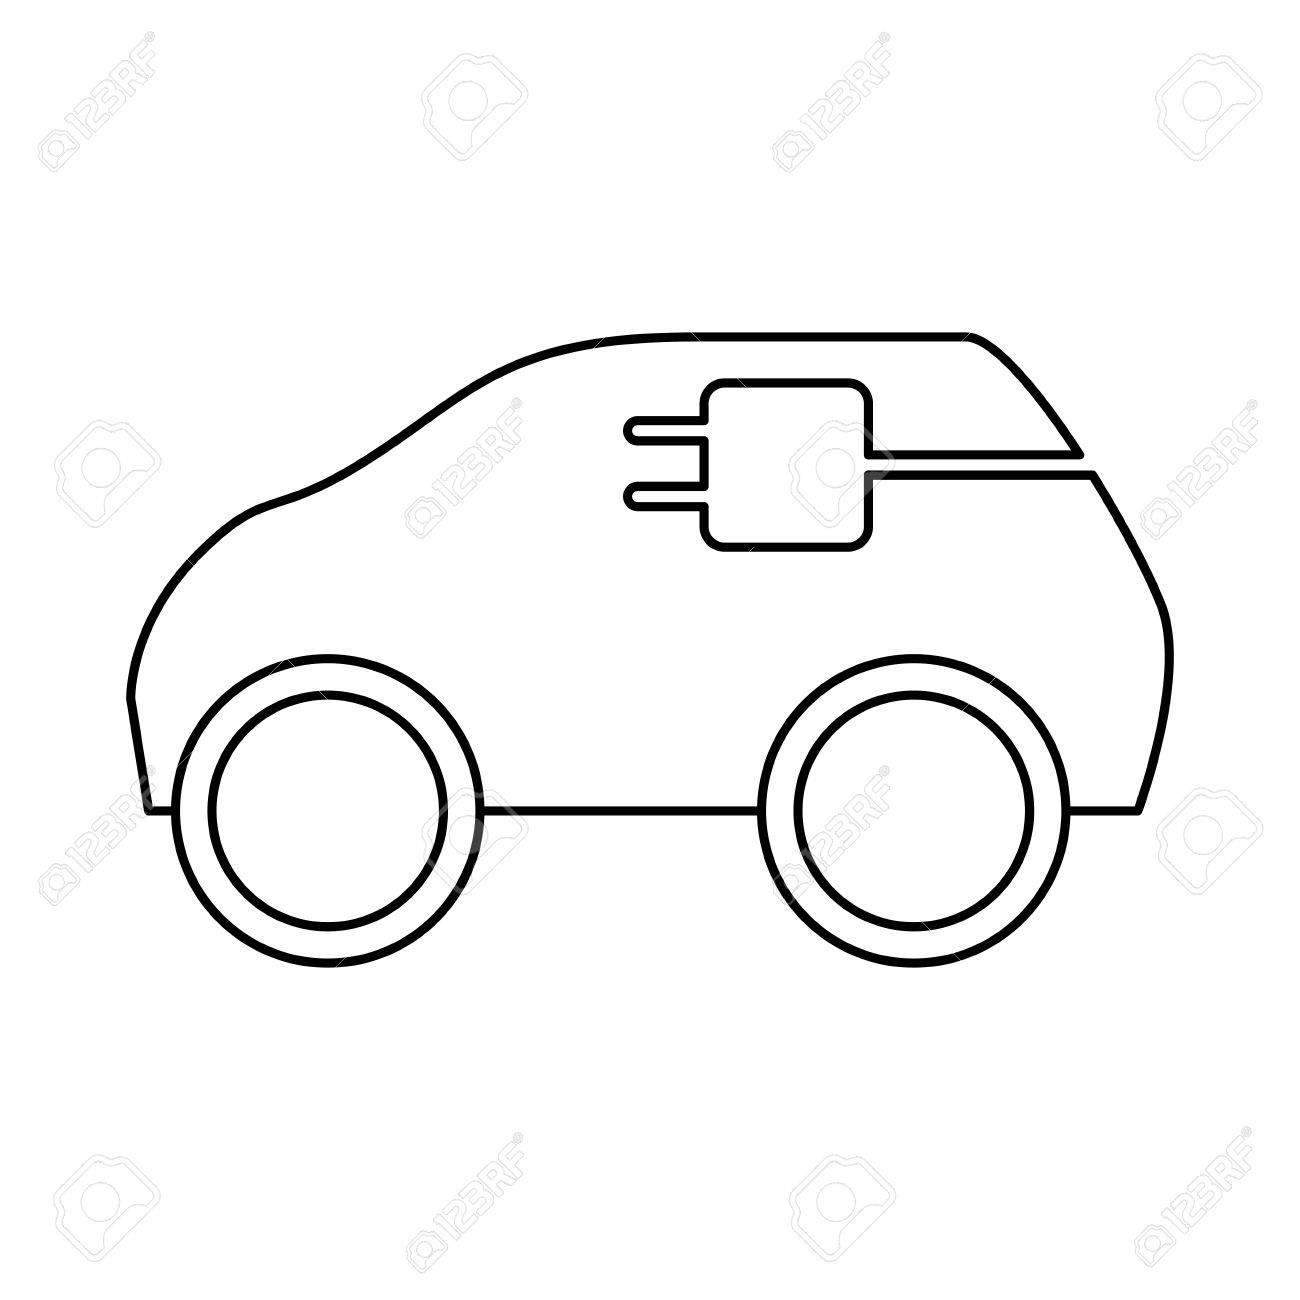 Elektro-Auto-Fahrzeug-Symbol Vektor-Illustration Grafik-Design ...